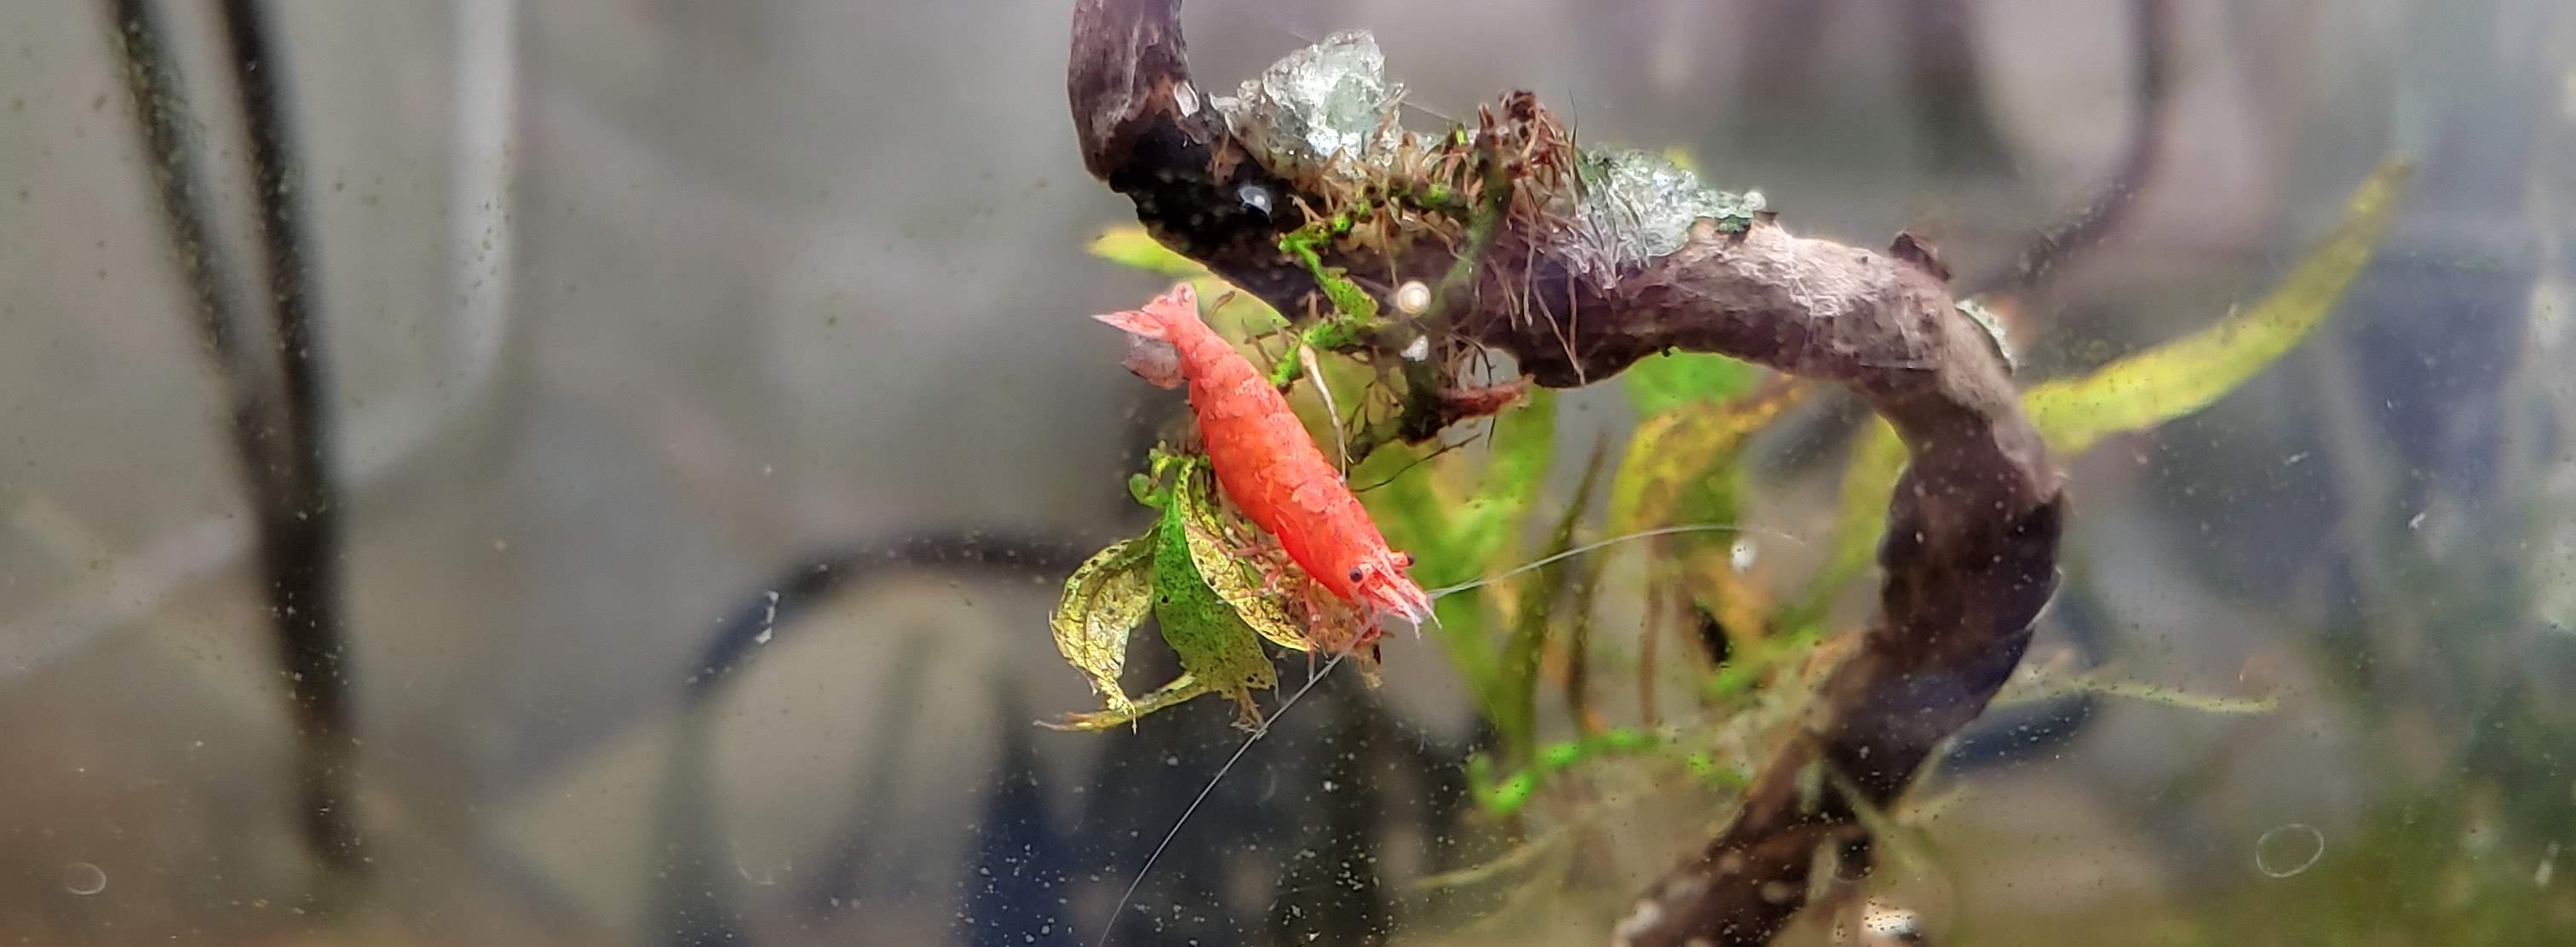 Neocaridina Red Cherry Shrimp